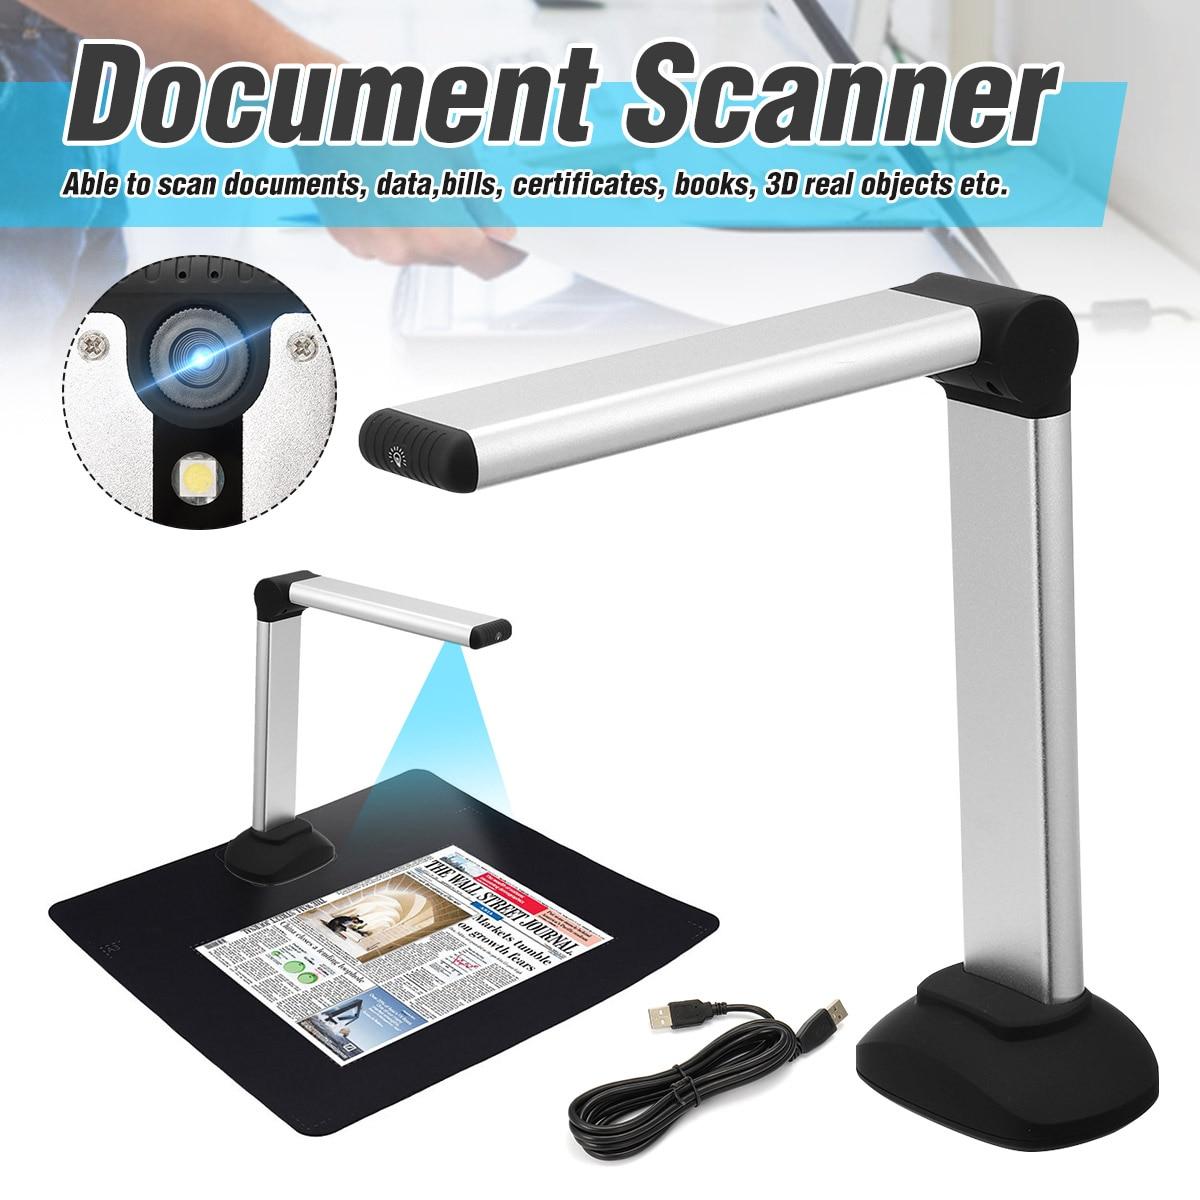 Varredor portátil da câmera do documento da imagem a4 do livro de usb de alta velocidade com o banco da biblioteca do escritório da escola da câmera de 8.0mp hd de alta definição